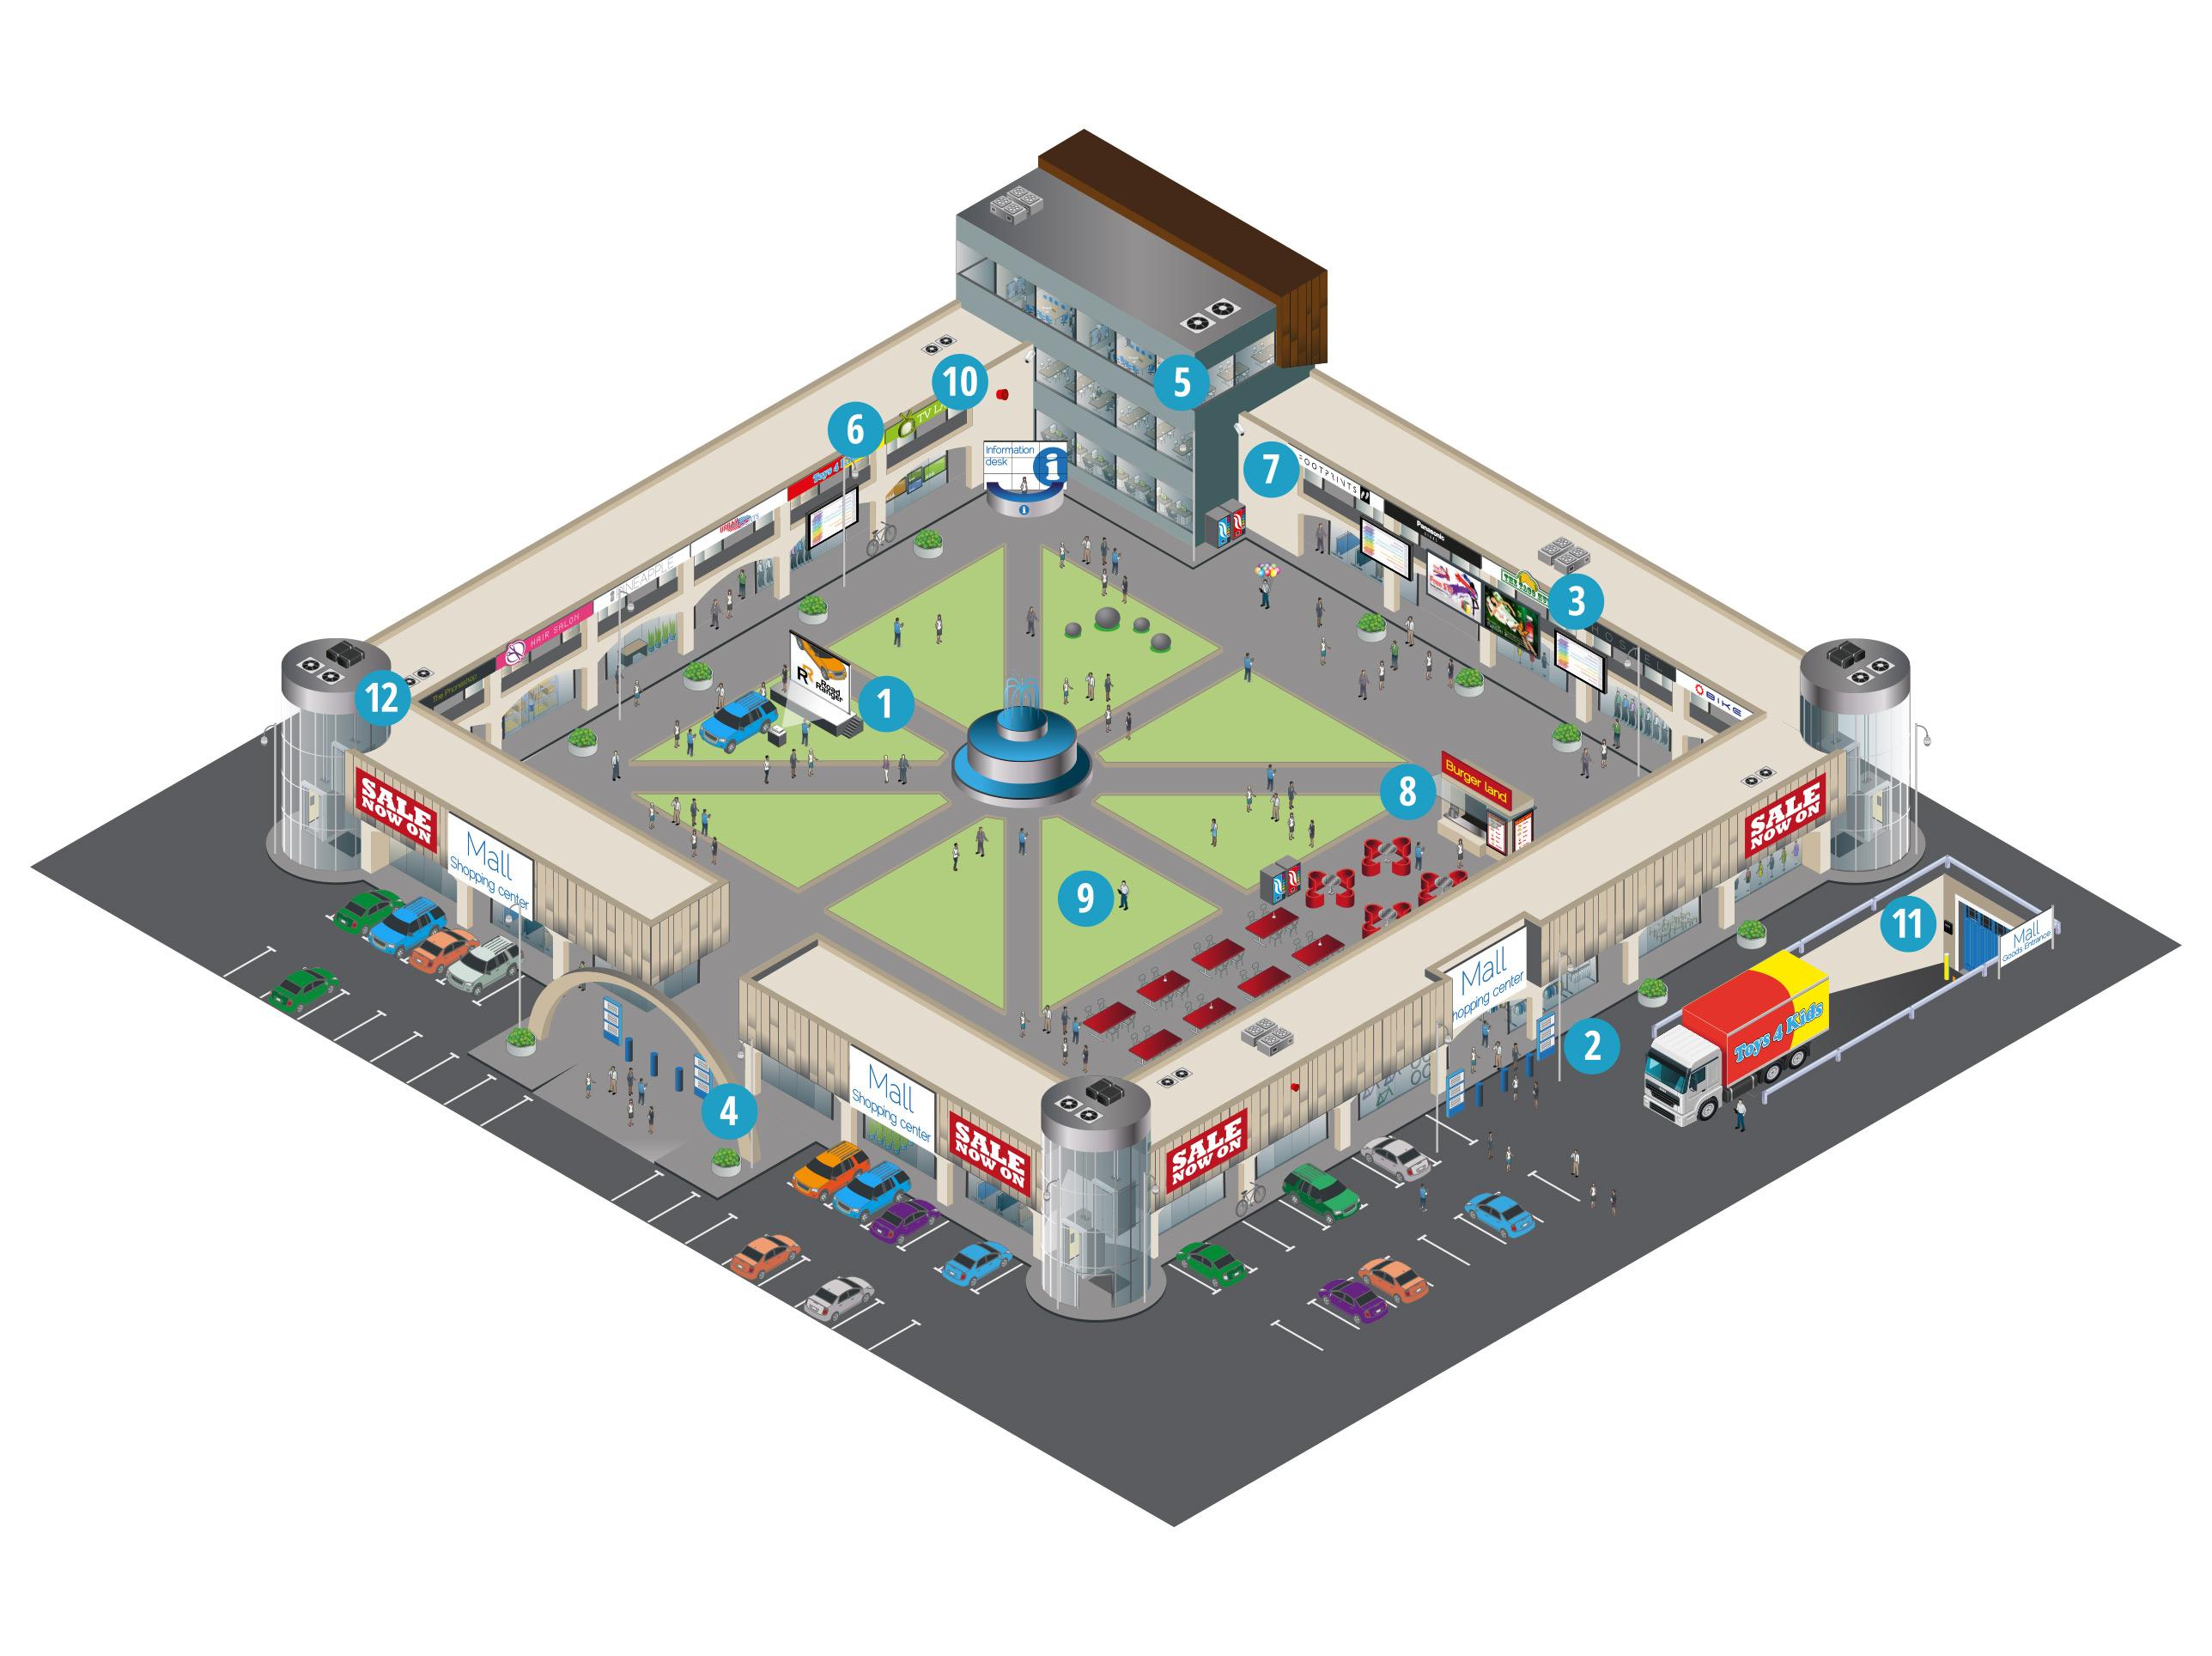 Comment les solutions de Panasonic aident-elles les centres commerciaux?